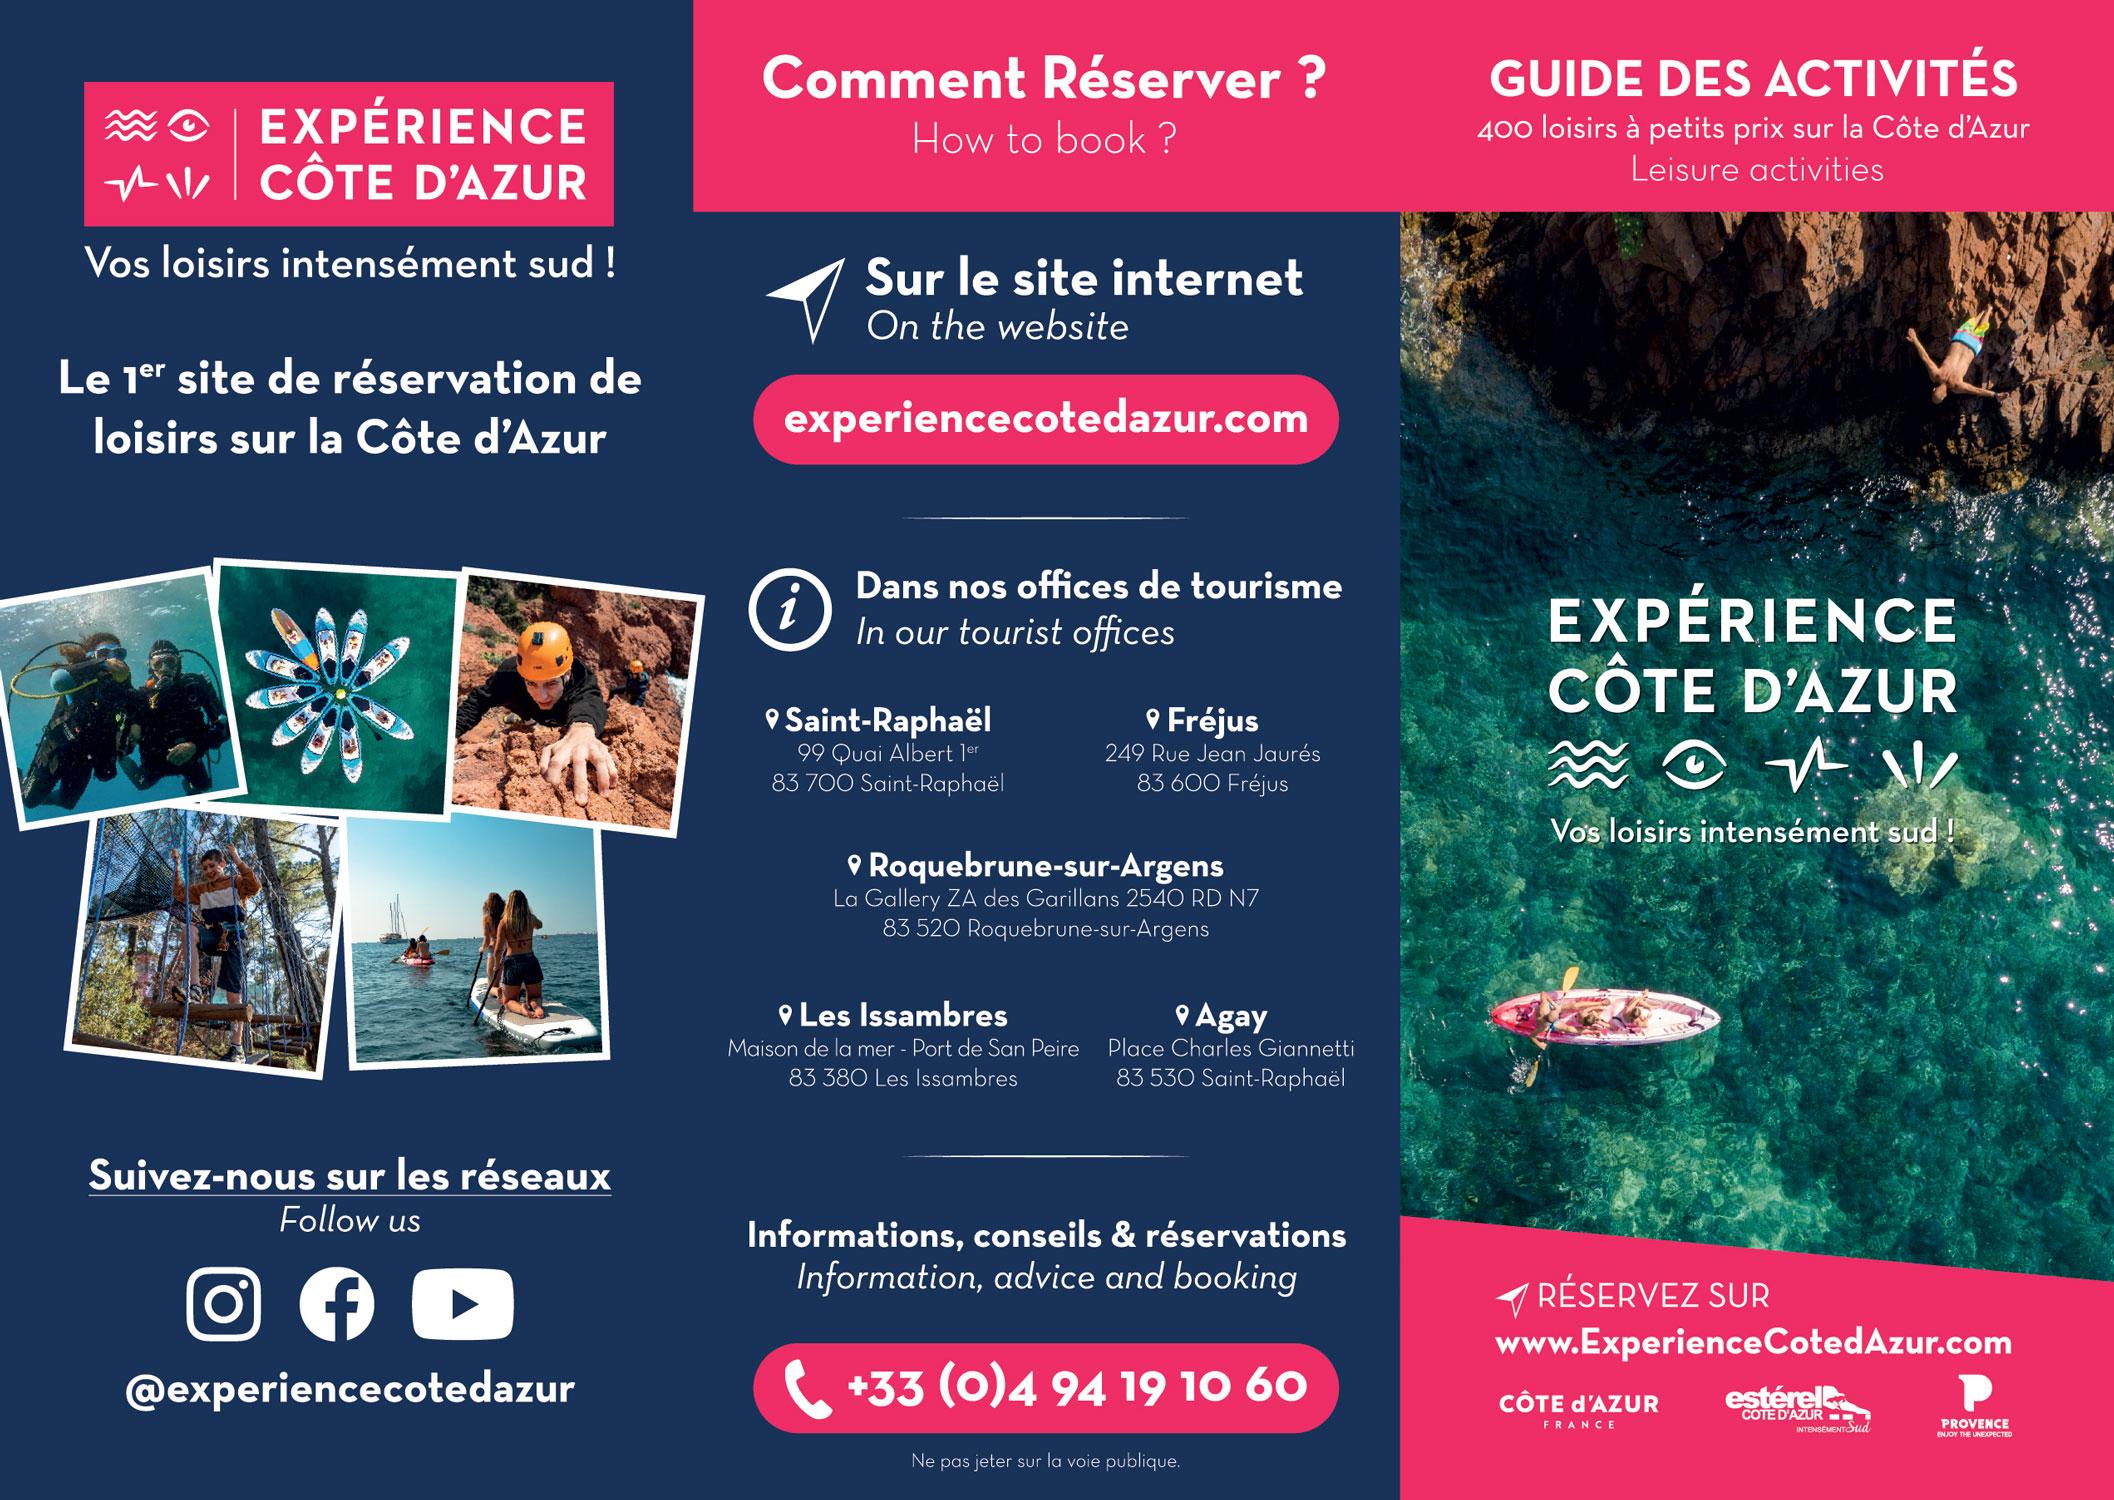 flyer - experience cote d'azur